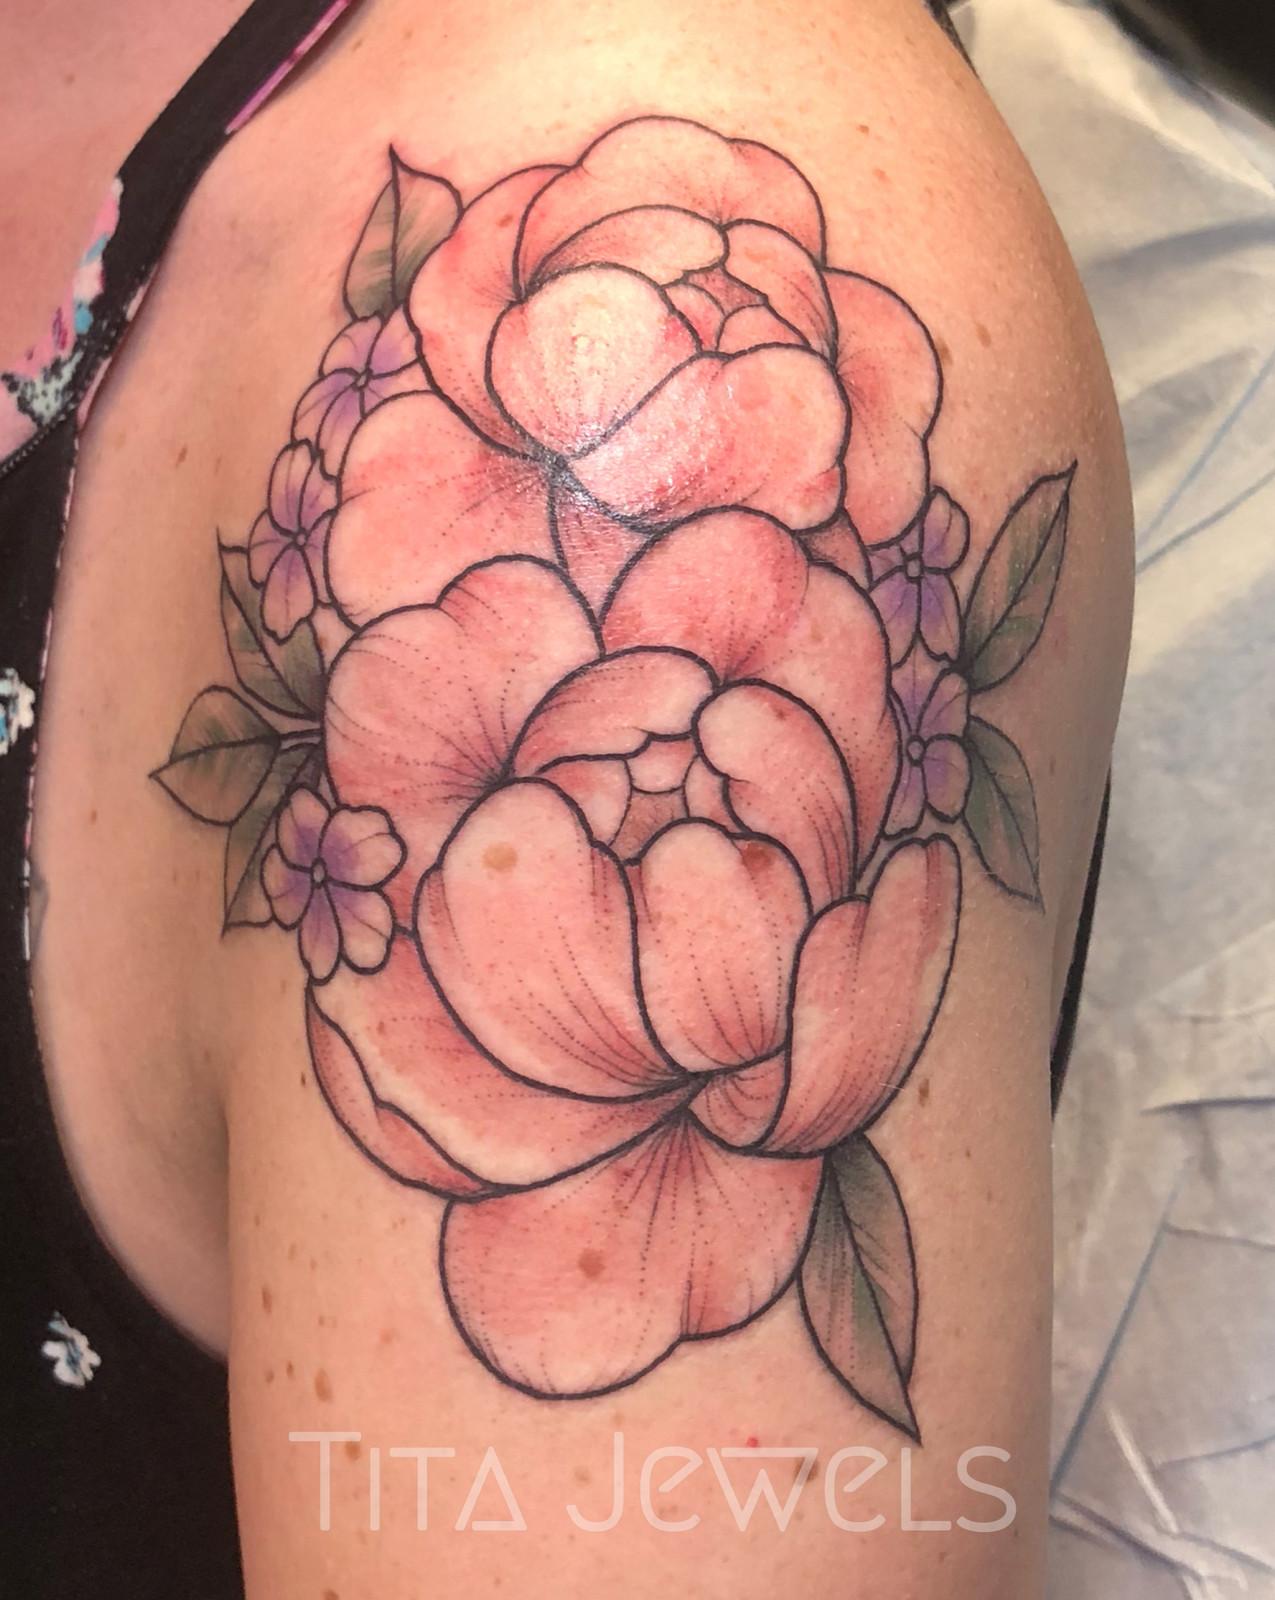 Tita Jewels Tattoo